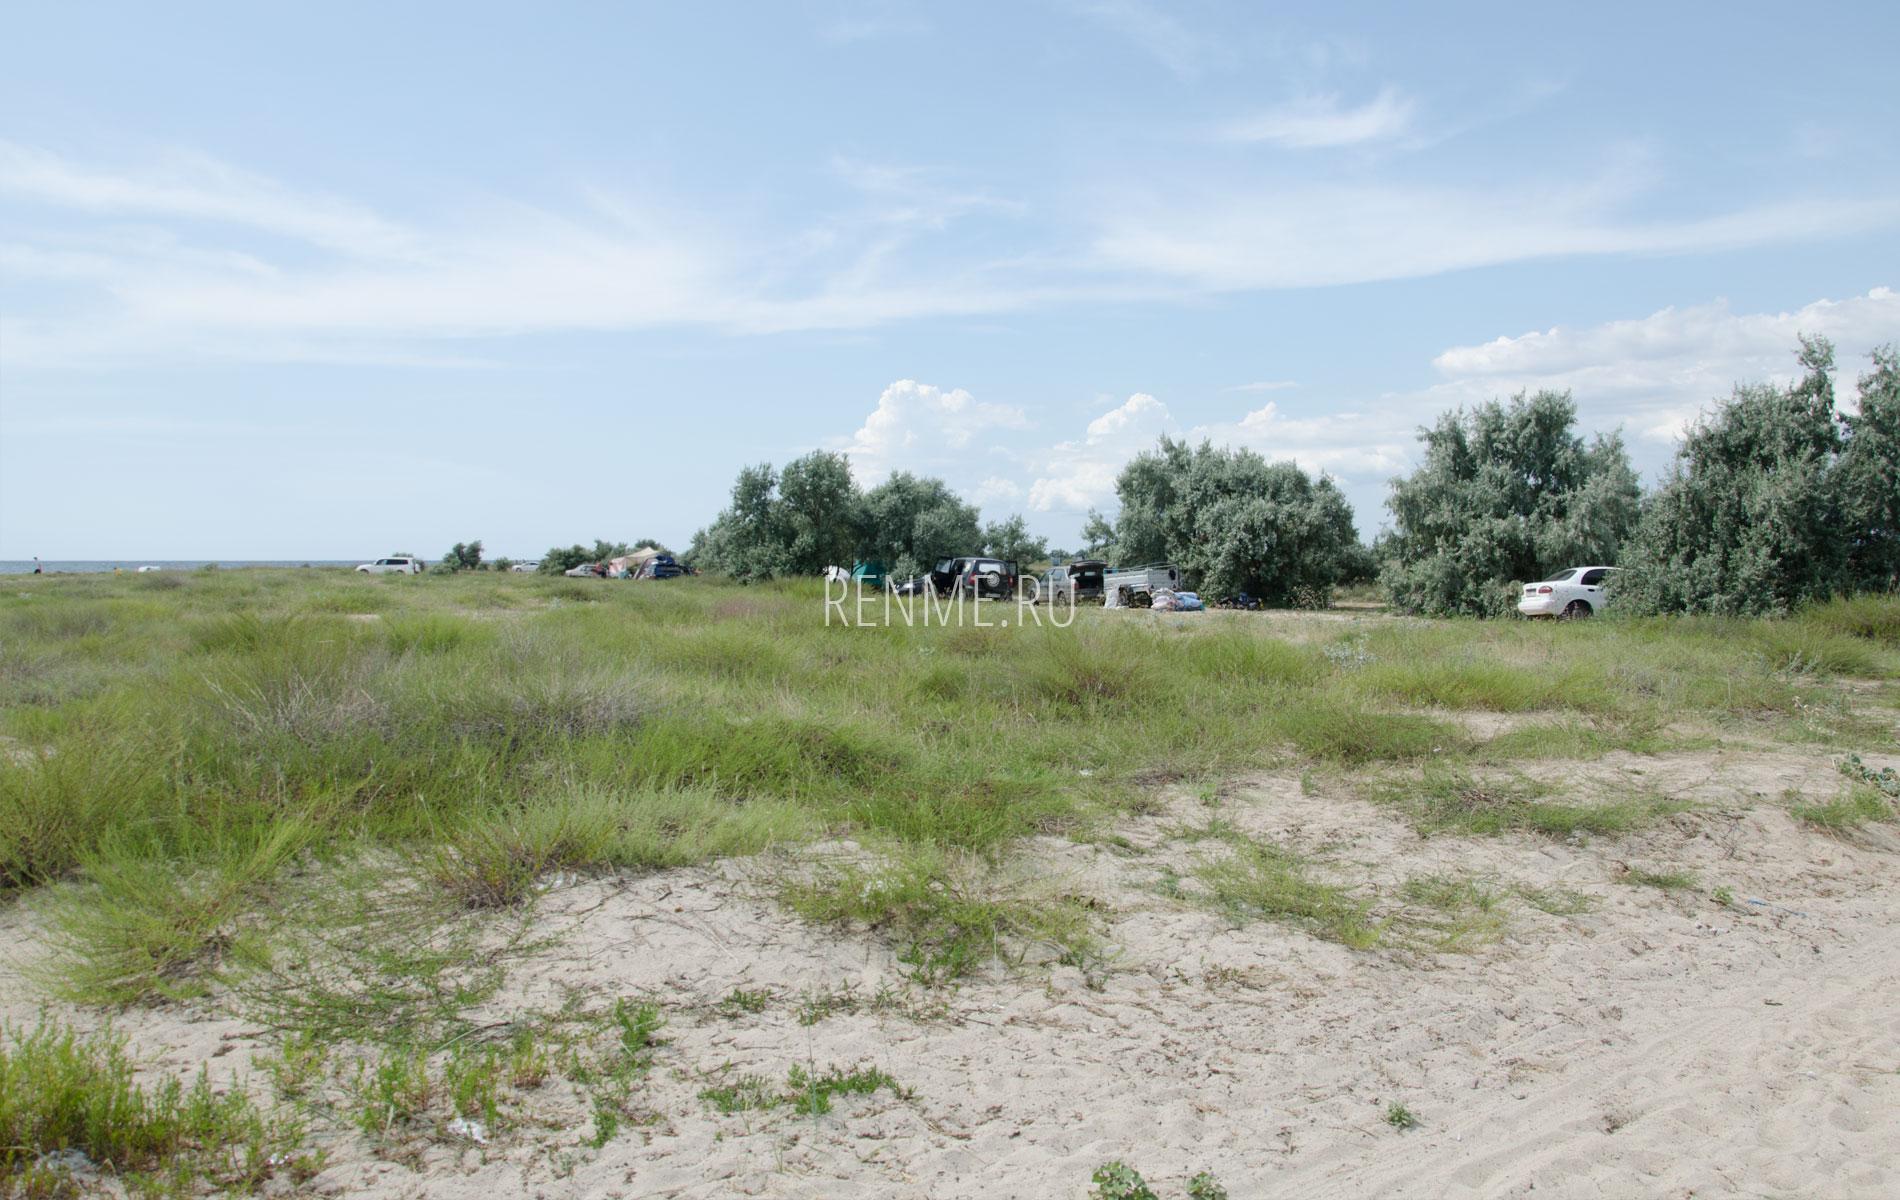 Дикий пляж рядом с Молочным. Фото Молочного